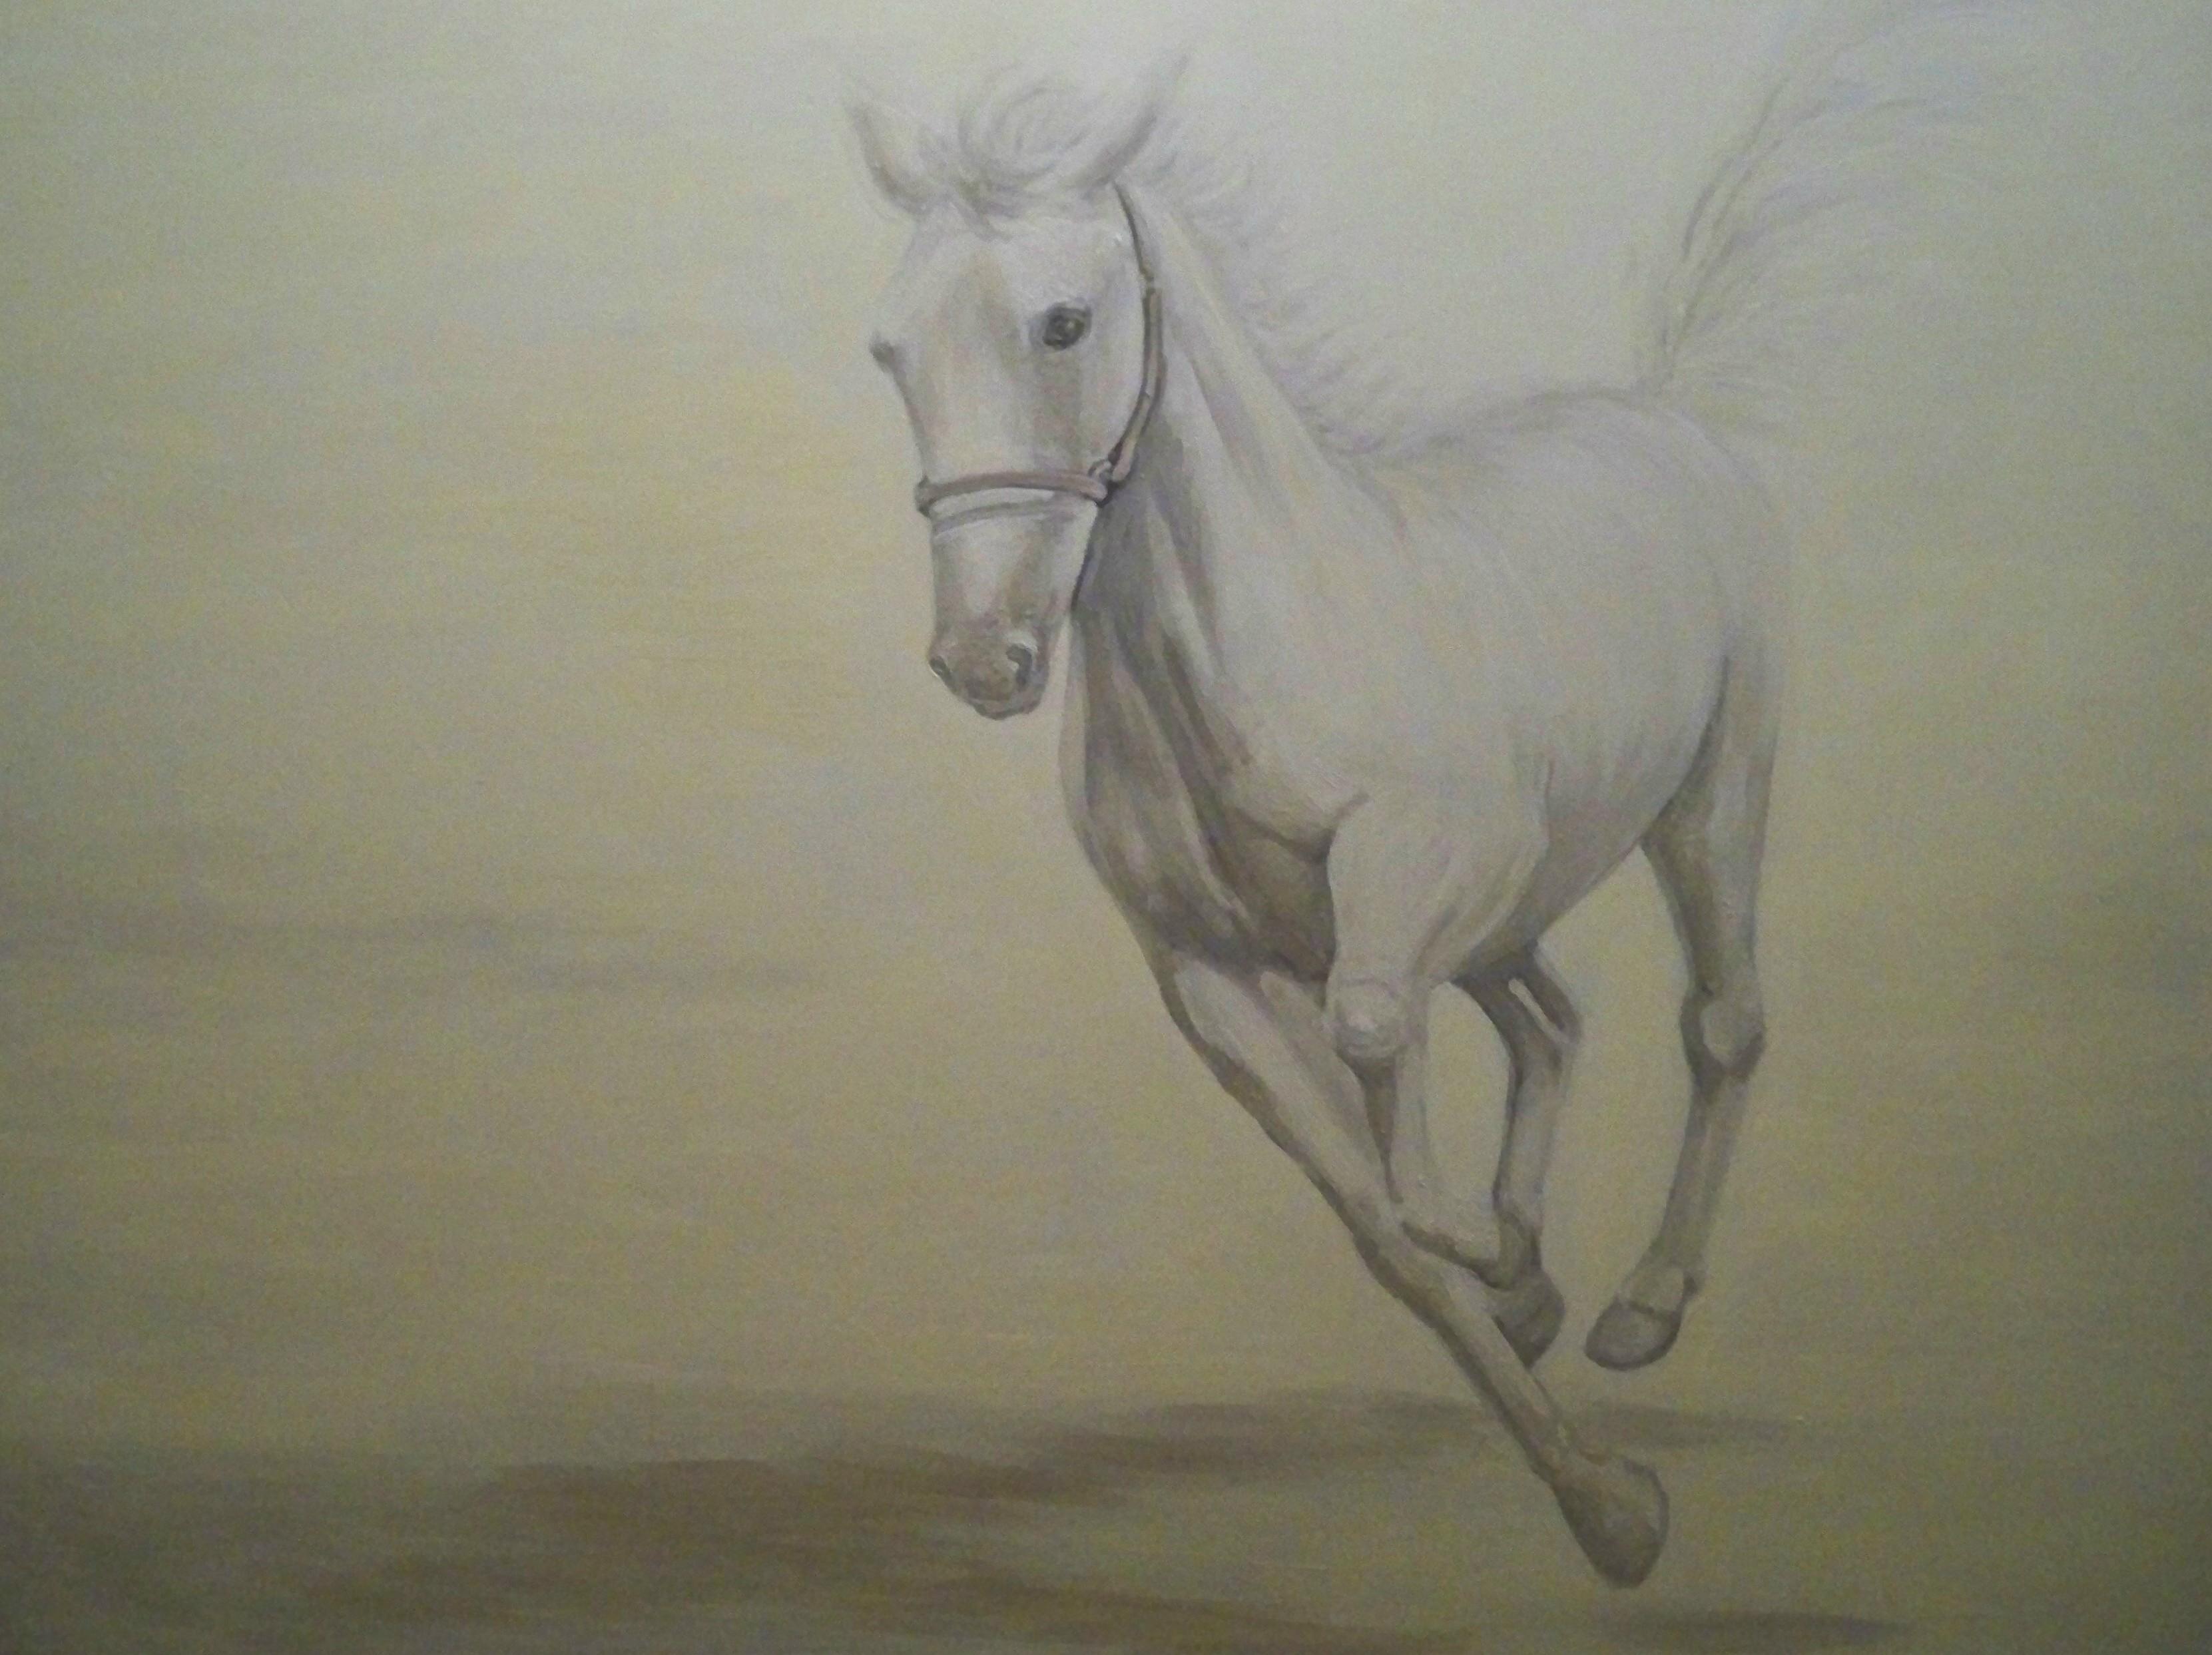 Murals By Marg white horse 2011.jpg